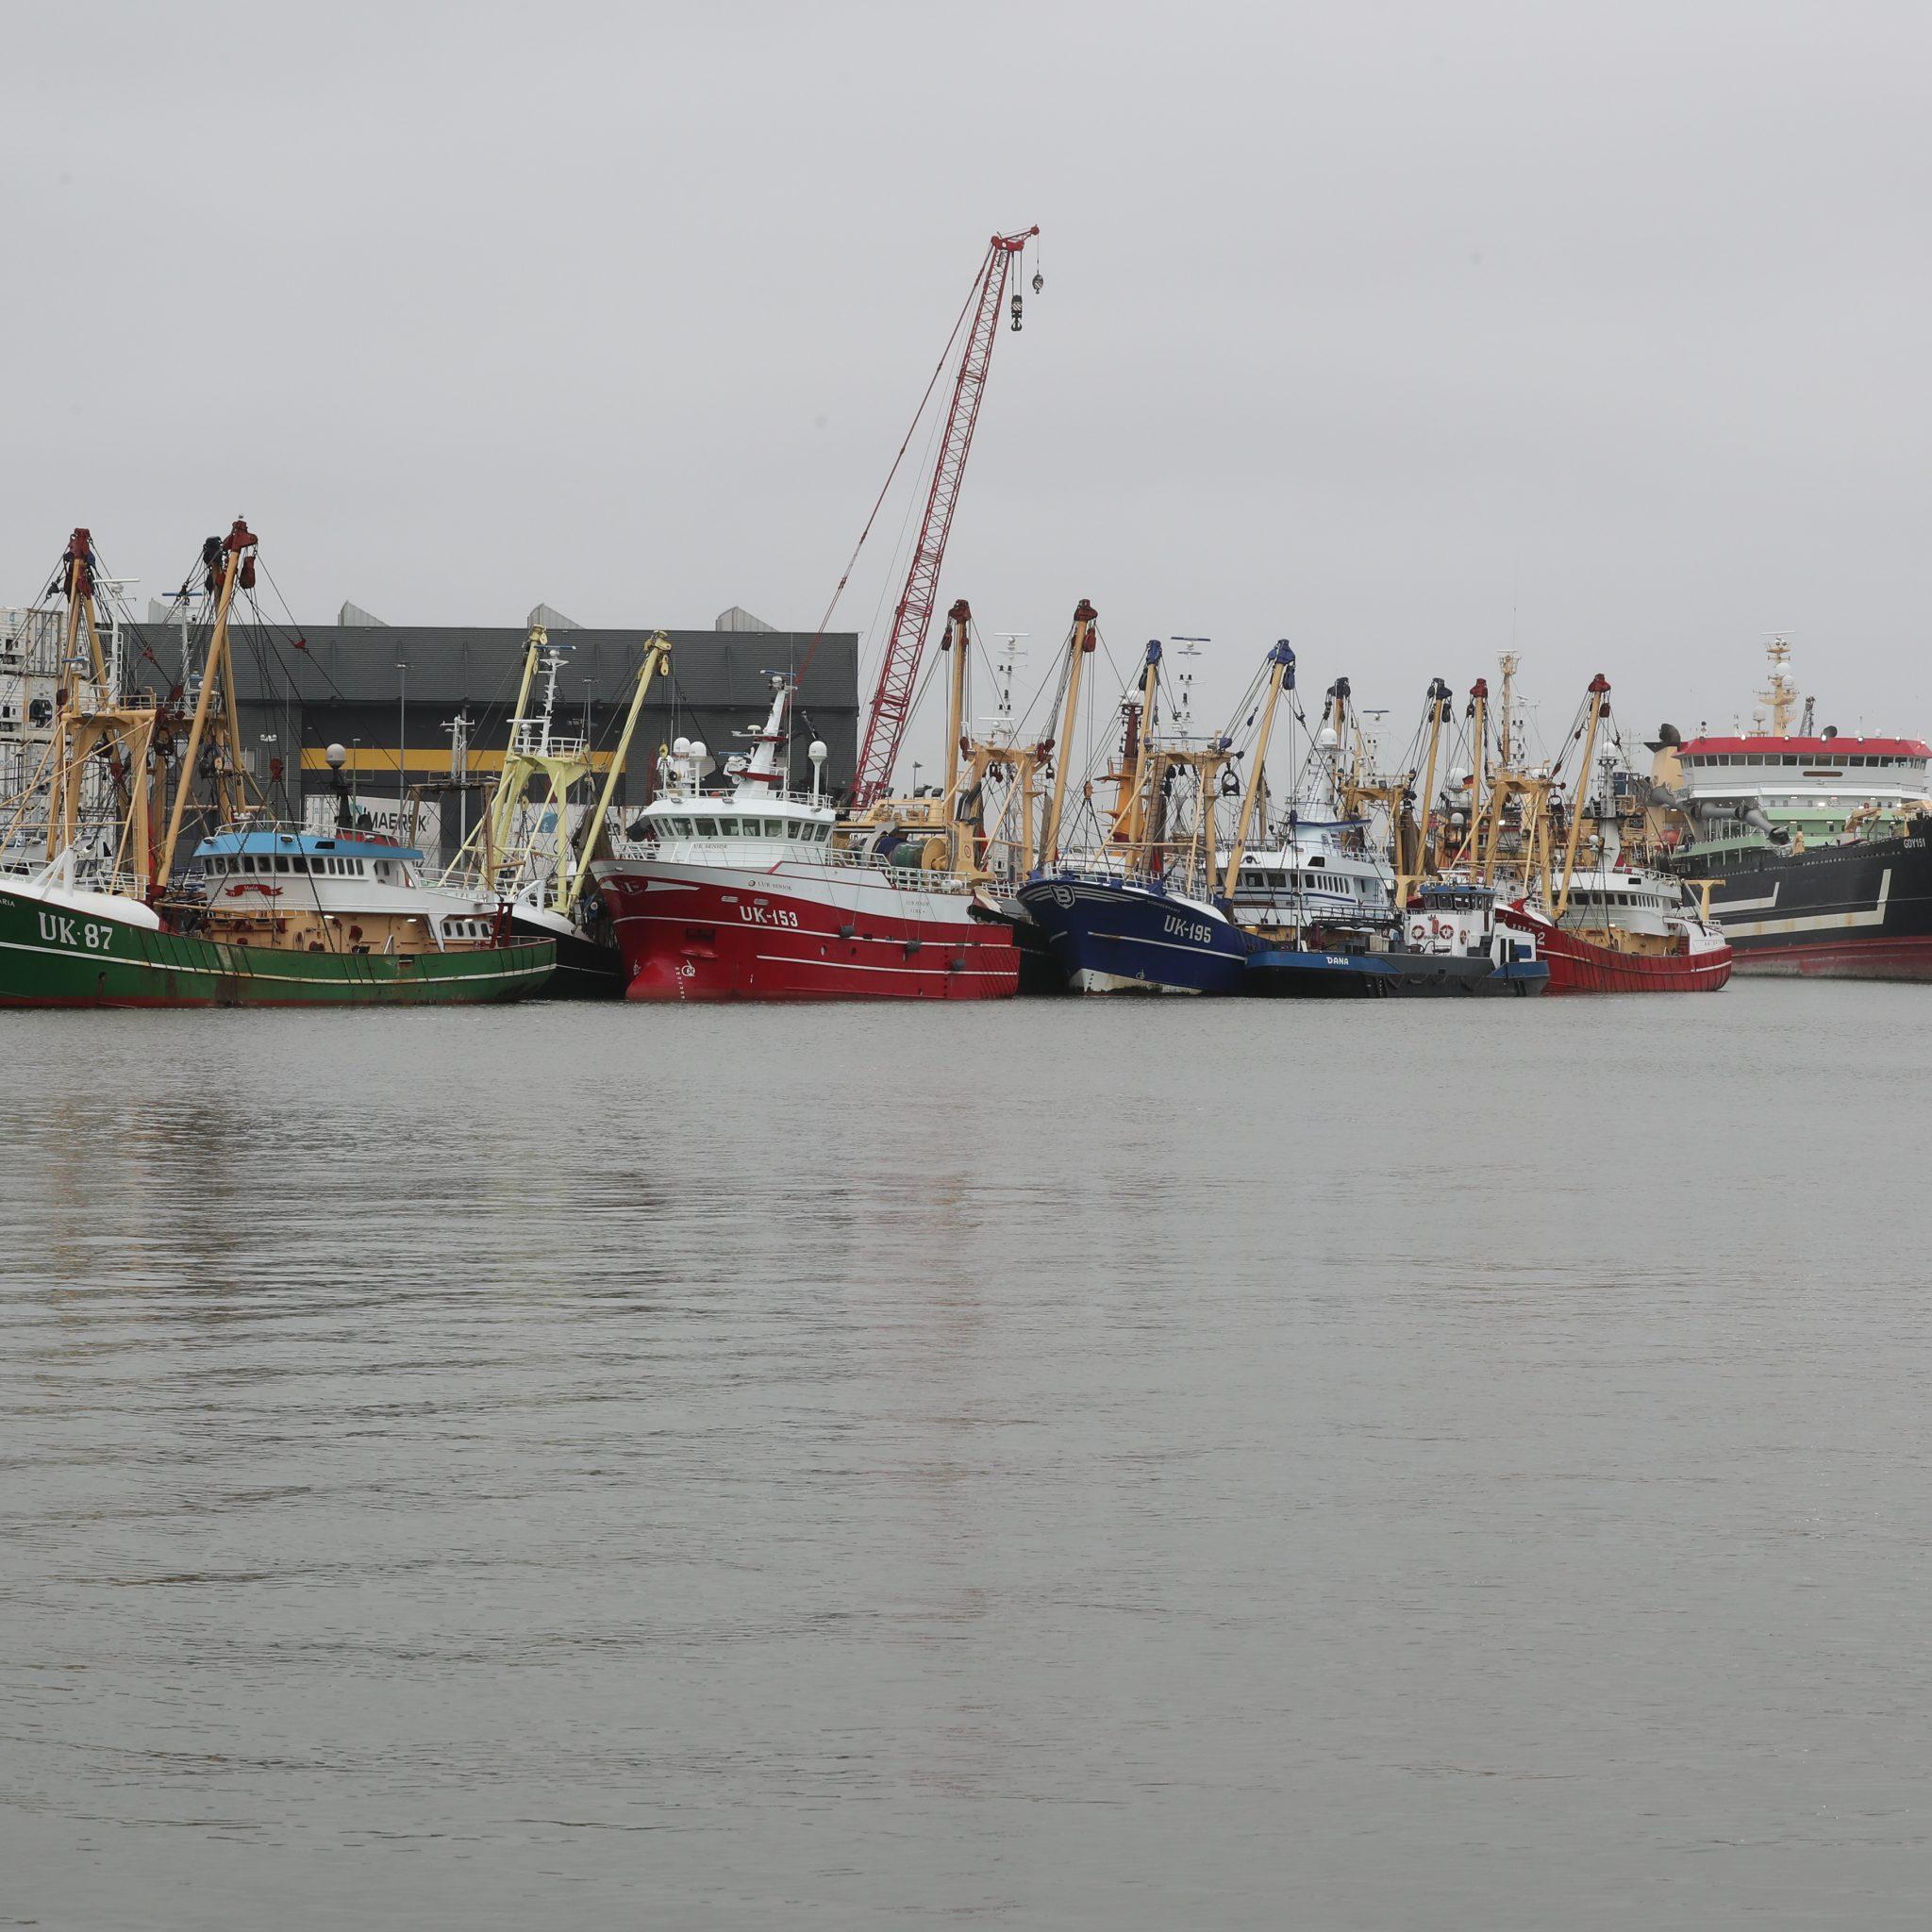 Urker (vlag)kotters tijdens het weekend afgemeerd in IJmuiden. (Foto Bram Pronk)